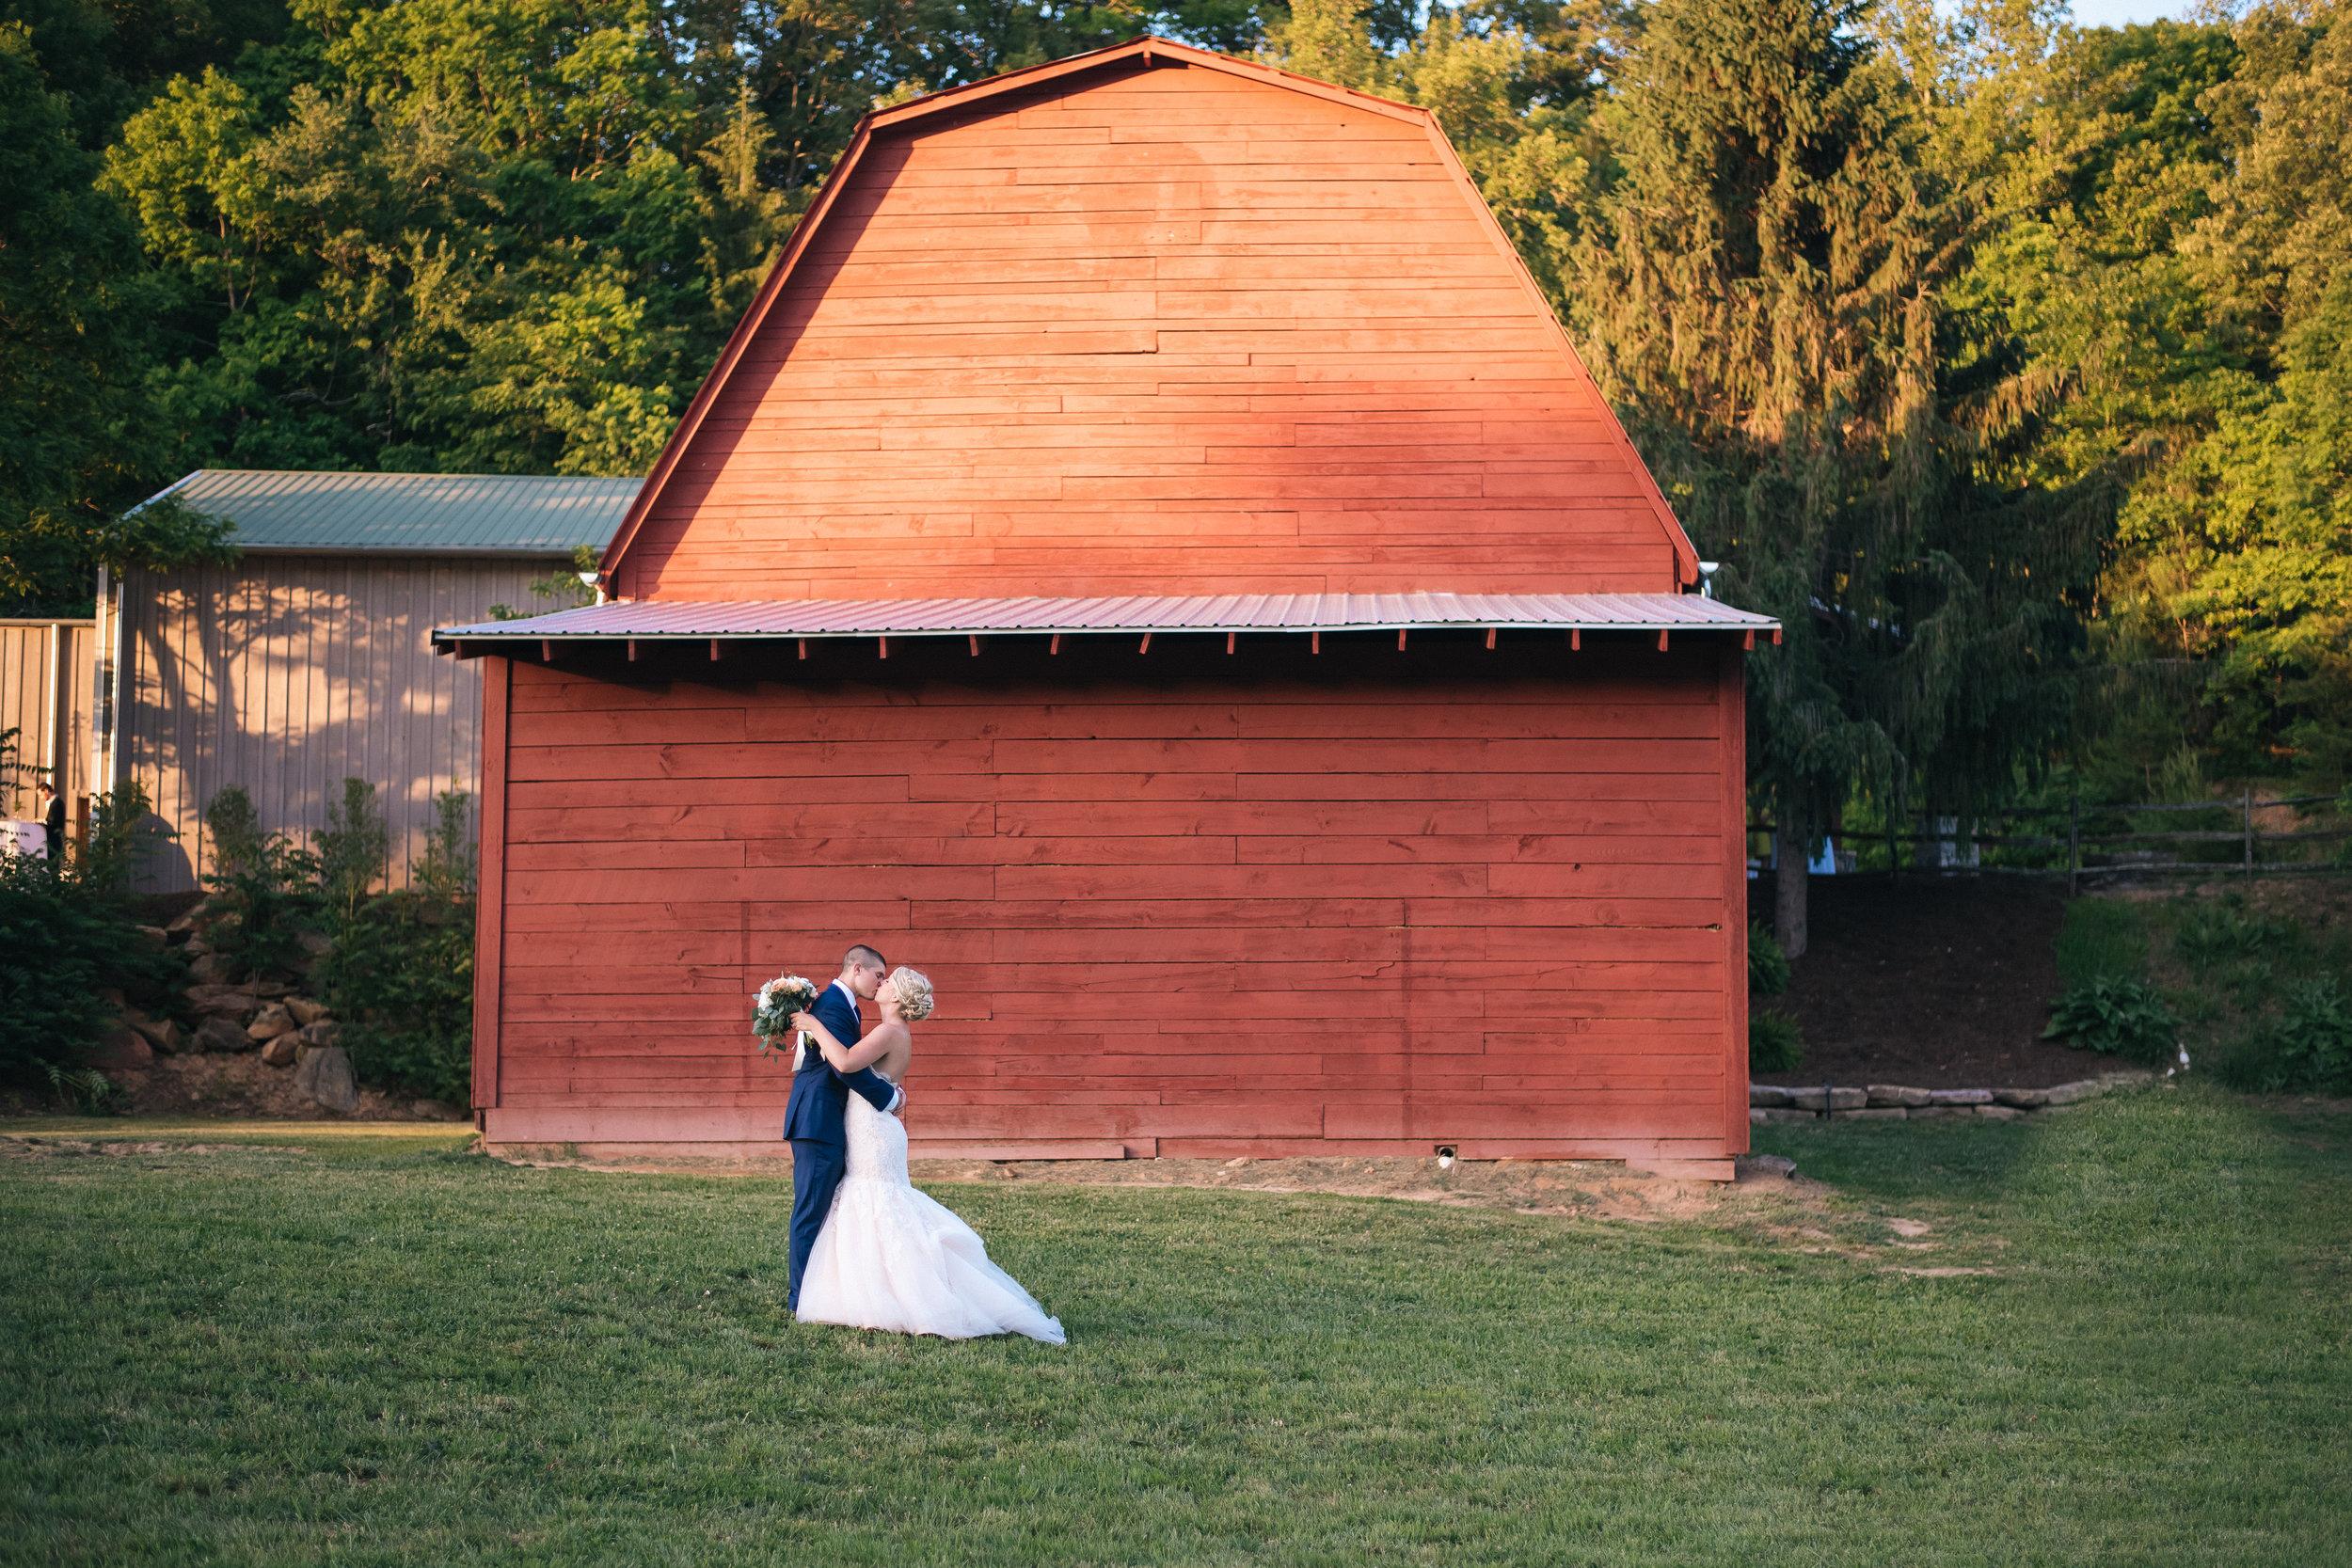 Honeysuckle-Hill-Asheville-Wedding-Venue-Galleries-Paige-757.jpg